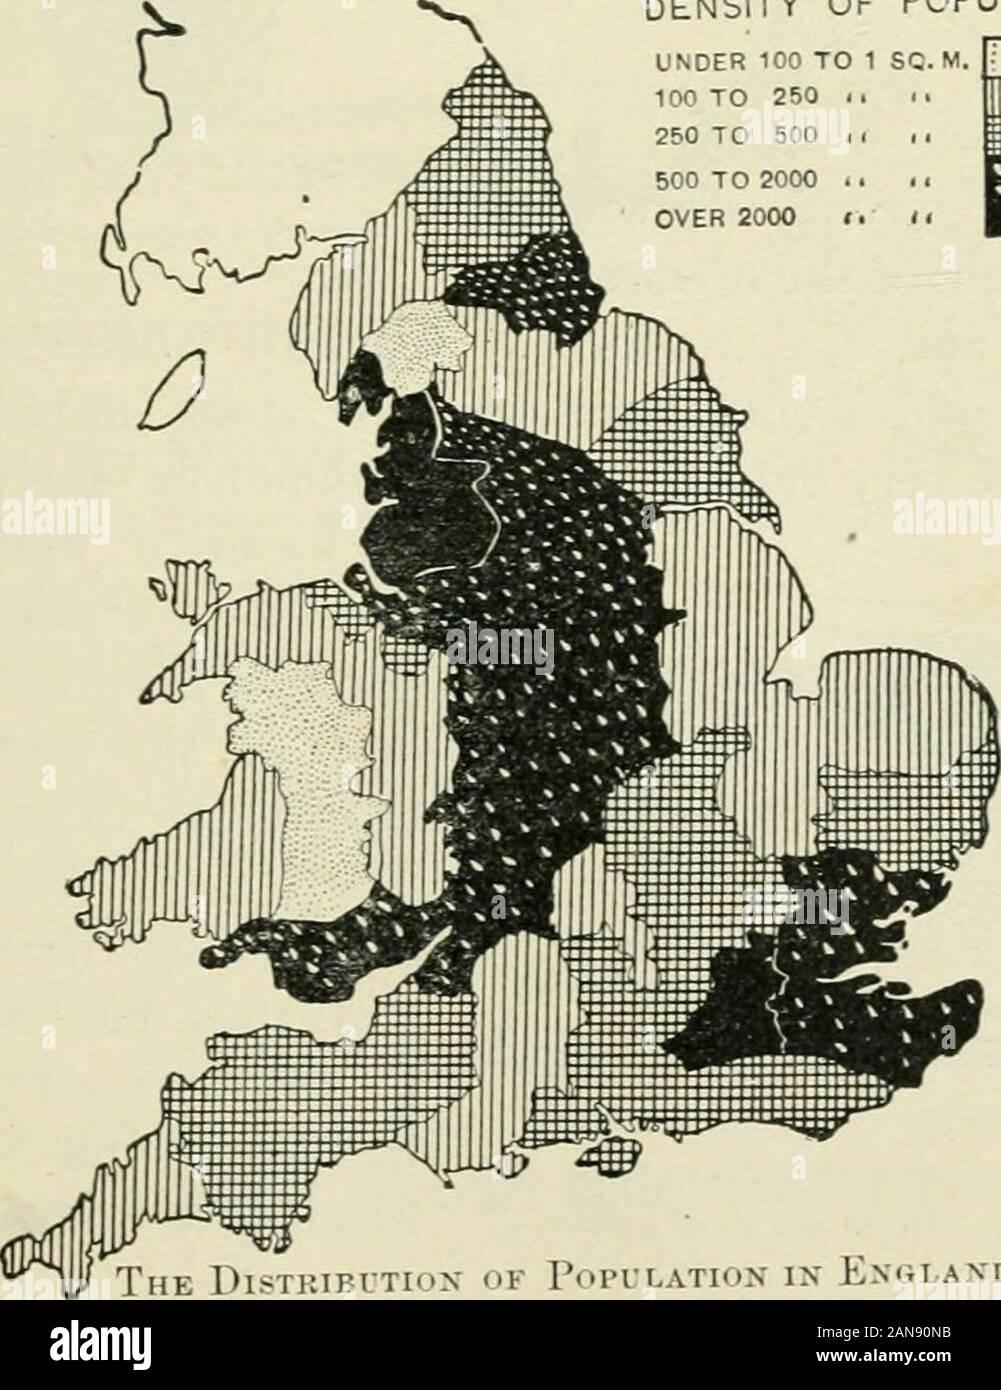 La nation britannique une histoire / par George MWrong . 1901 DENSITÉ DE POPULATION DE MOINS DE 1 100 mètres carrés à 250 J100&155;250 à 500 .500 JE À 2000 ..plus de 200011. sLTiox Exglaxd befoke dans la population OK ET APRÈS L'ÉLABORATION D'MaNCFACTUKING L'industrie. Le BlilTISU NATION, semblable aux Esquimaux type ui du Groenland,le jeu de leur temps inclus le renne et le themoose-ox, l'éléphant, l'ele-mam-papillon, et le lion.Ces x>à livedand « avait d'abord des questions de Wit: ofrace ThePalseolithio <li[^ la culture. ^y m des grottes, s'utiliser qu'un tel outil comme les clubs et les pierres qui Banque D'Images